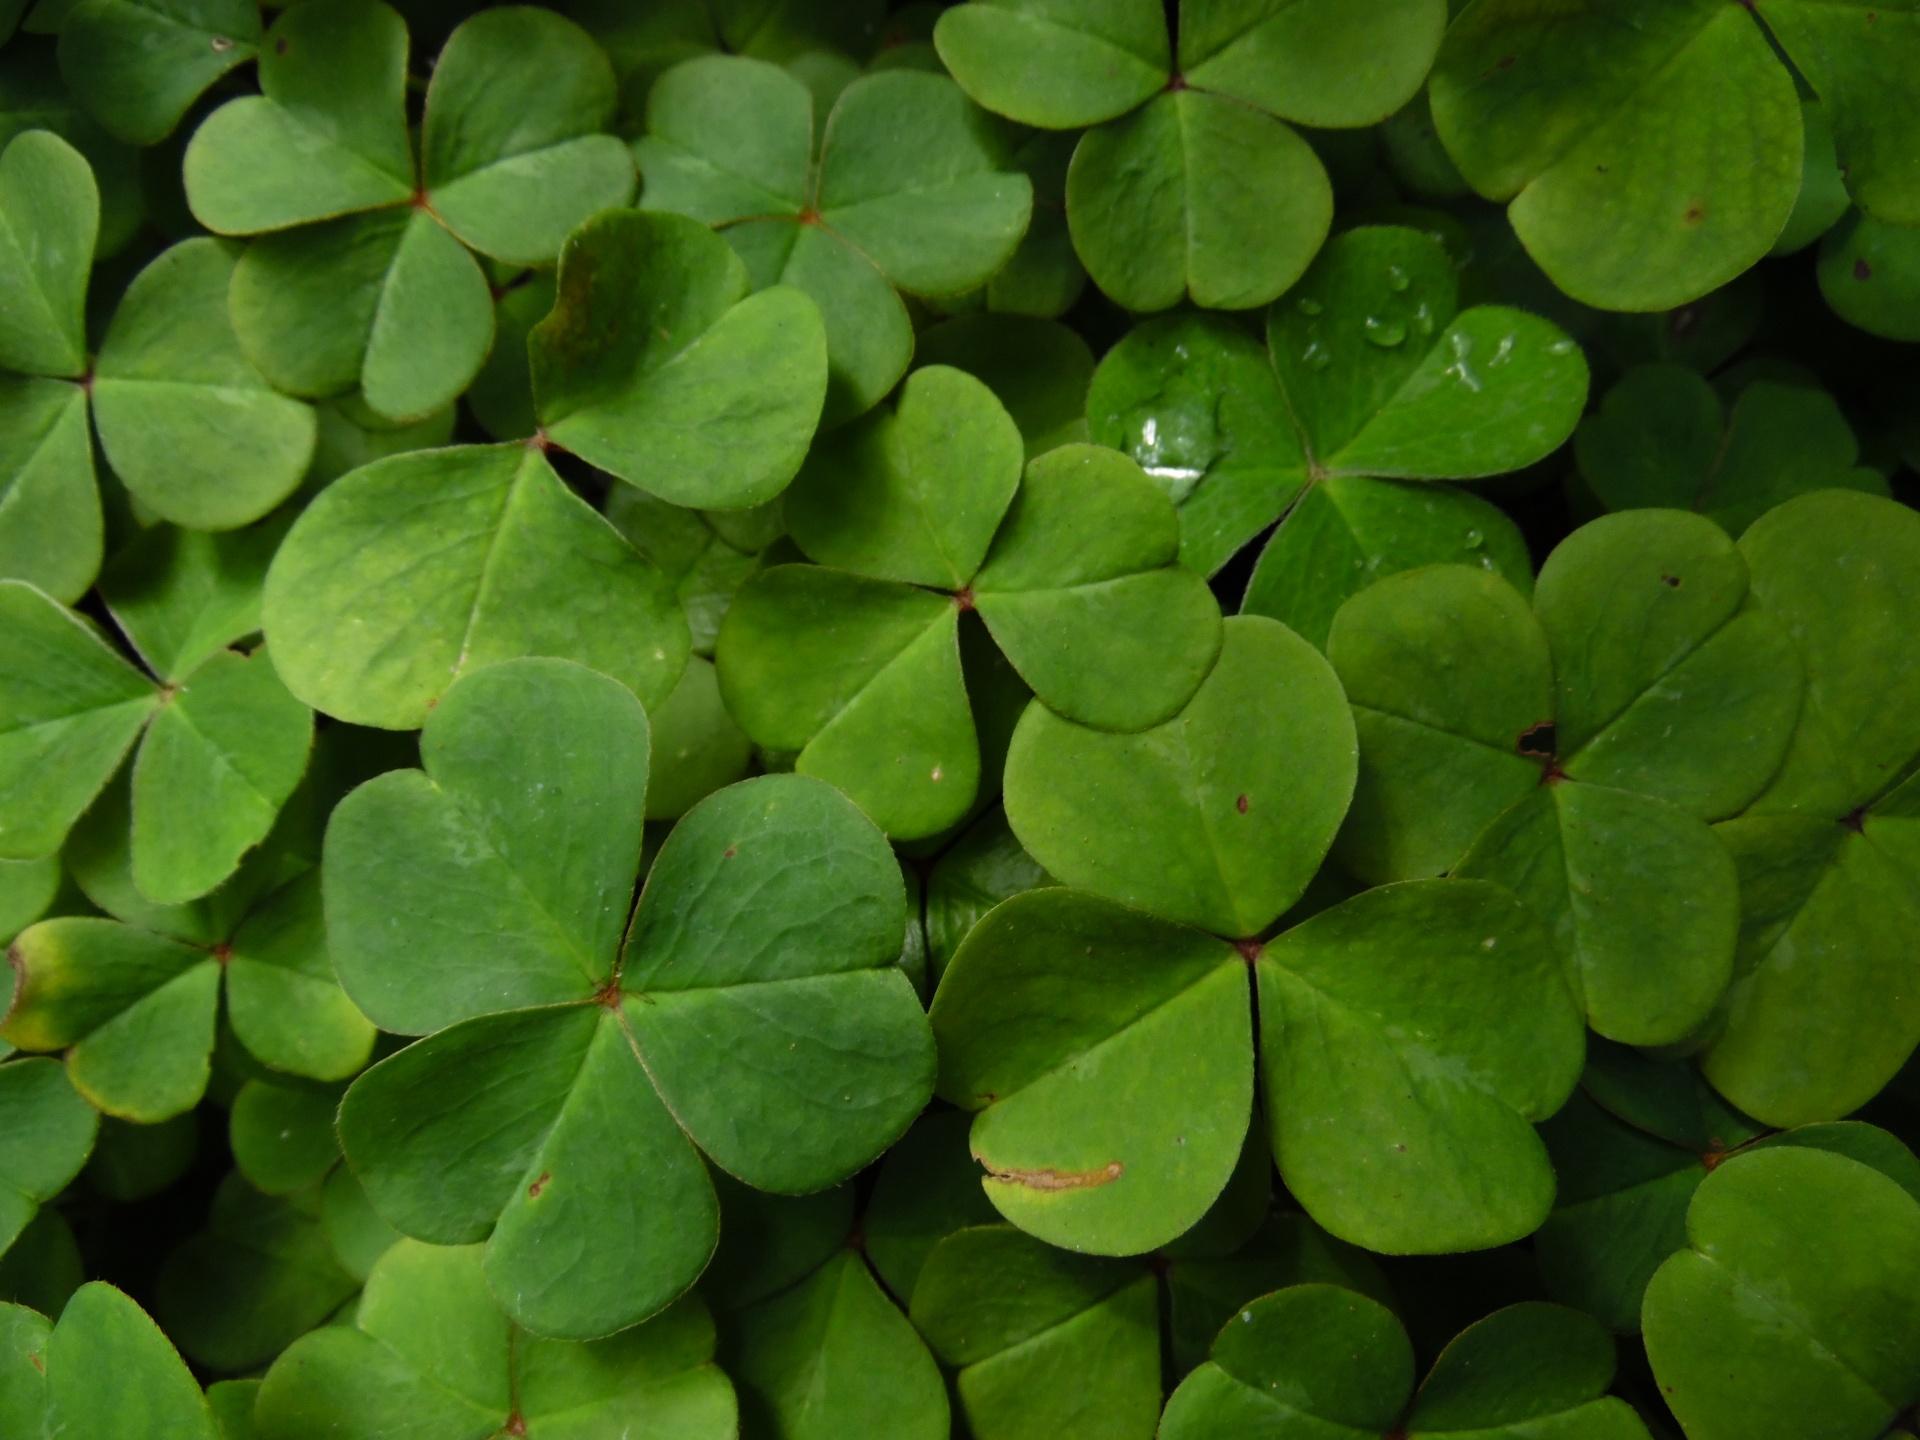 Clovers,plants,garden,dew,dew drop - free photo from needpix com